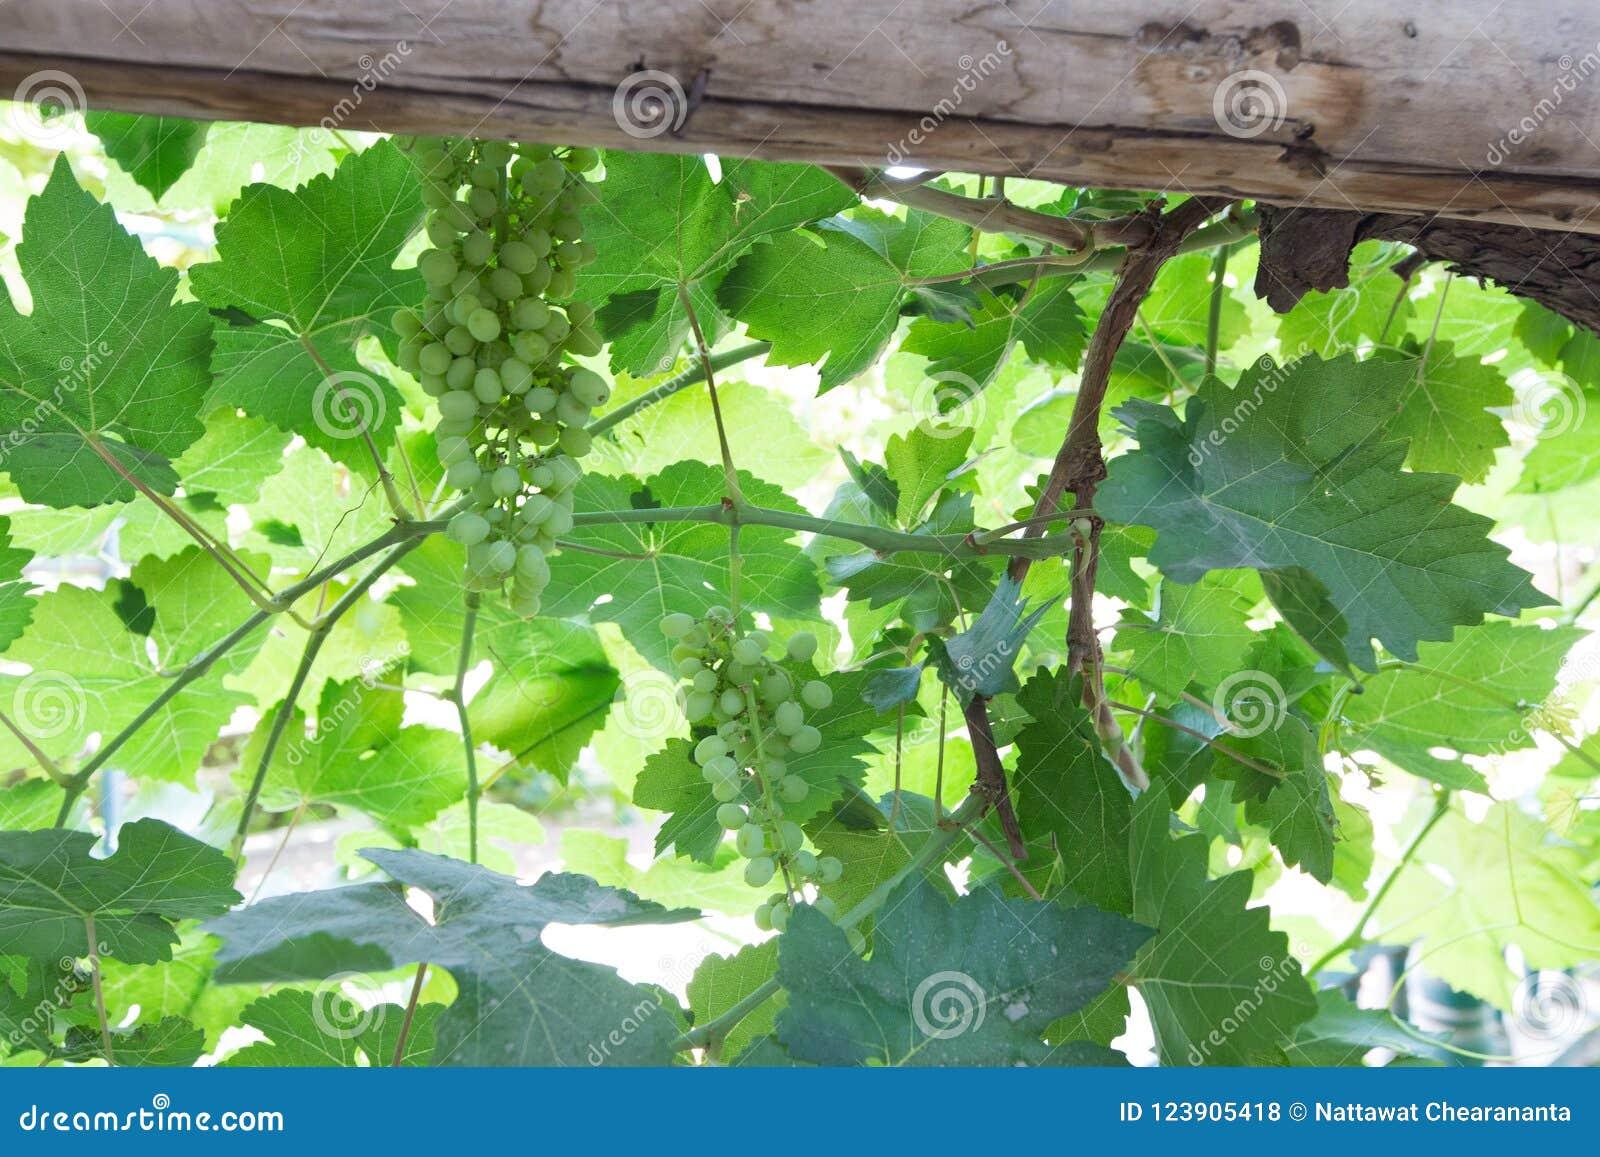 Назначение шелкового пути двор и ром виноградины